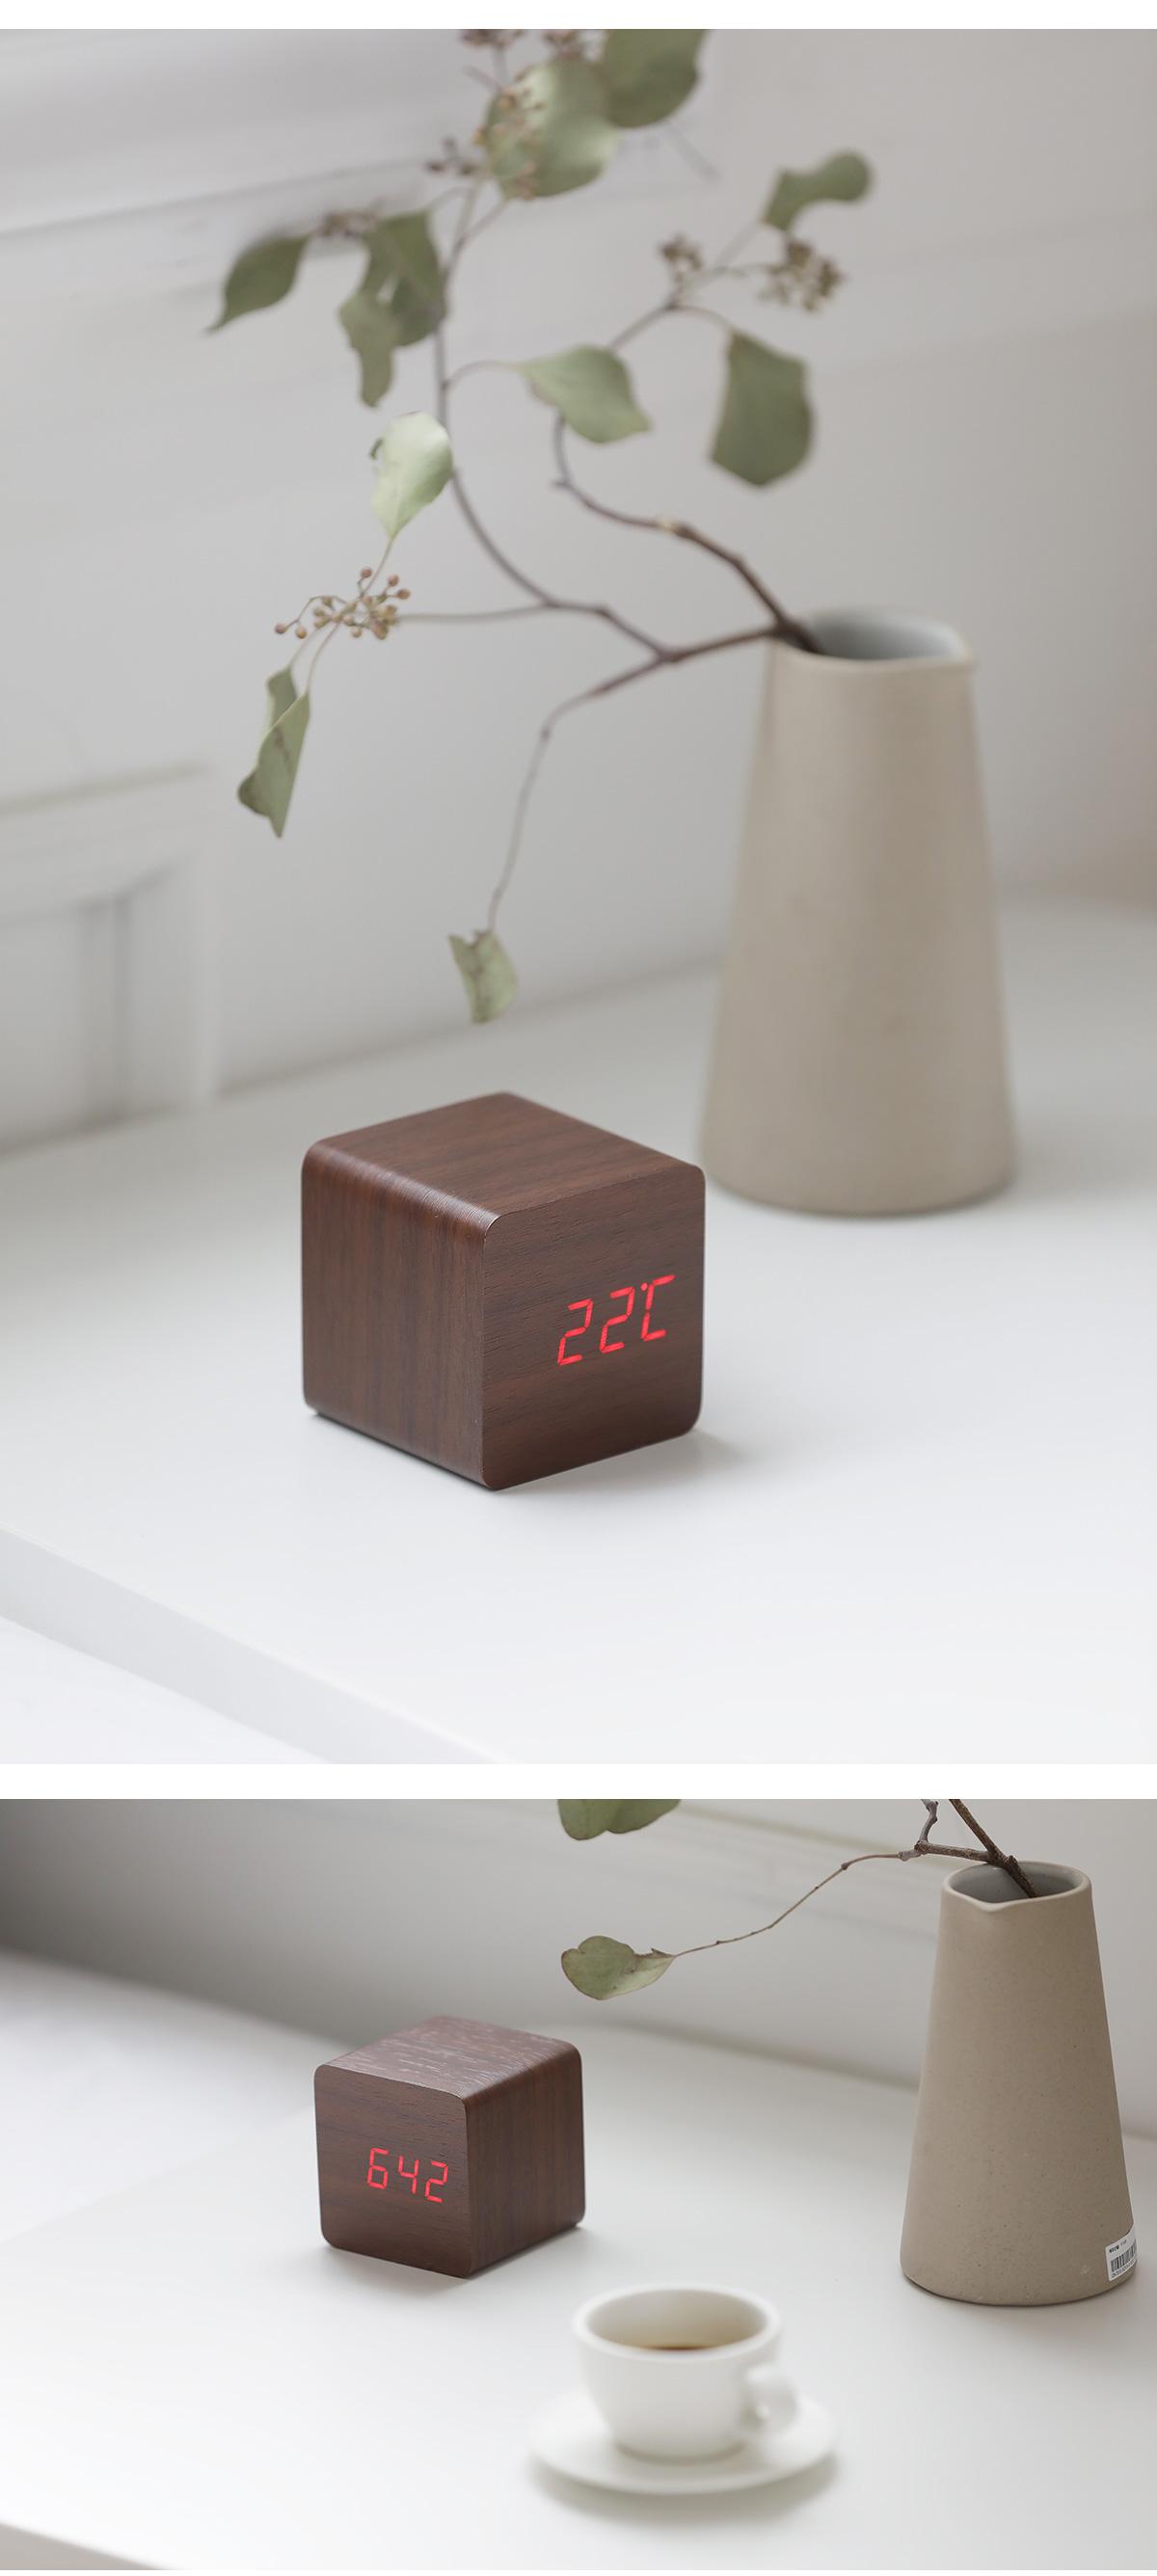 몬트 아이우드 LED 무소음 우드 탁상시계 2size 2colors - 데이리브, 19,800원, 벽시계, 무소음/저소음